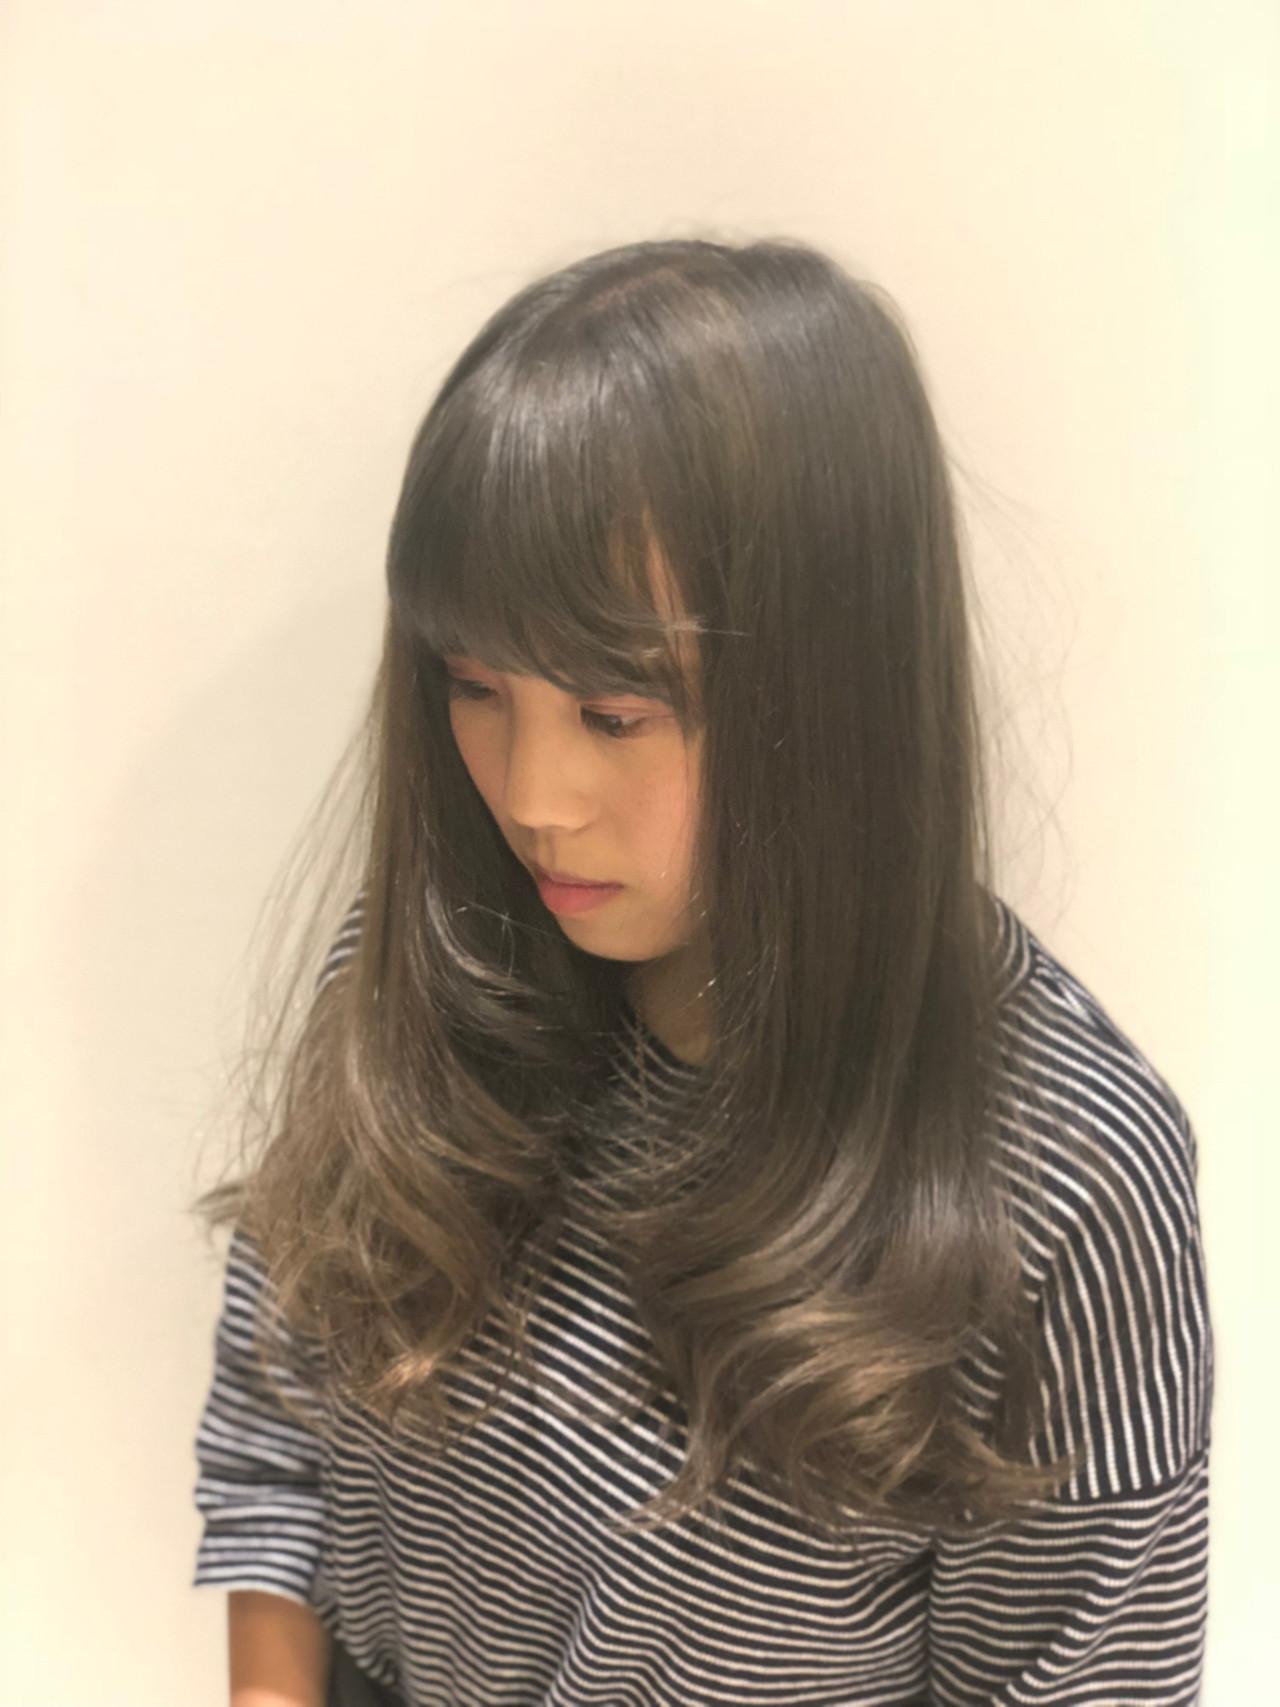 ナチュラル 暗髪 セミロング ヘアアレンジ ヘアスタイルや髪型の写真・画像